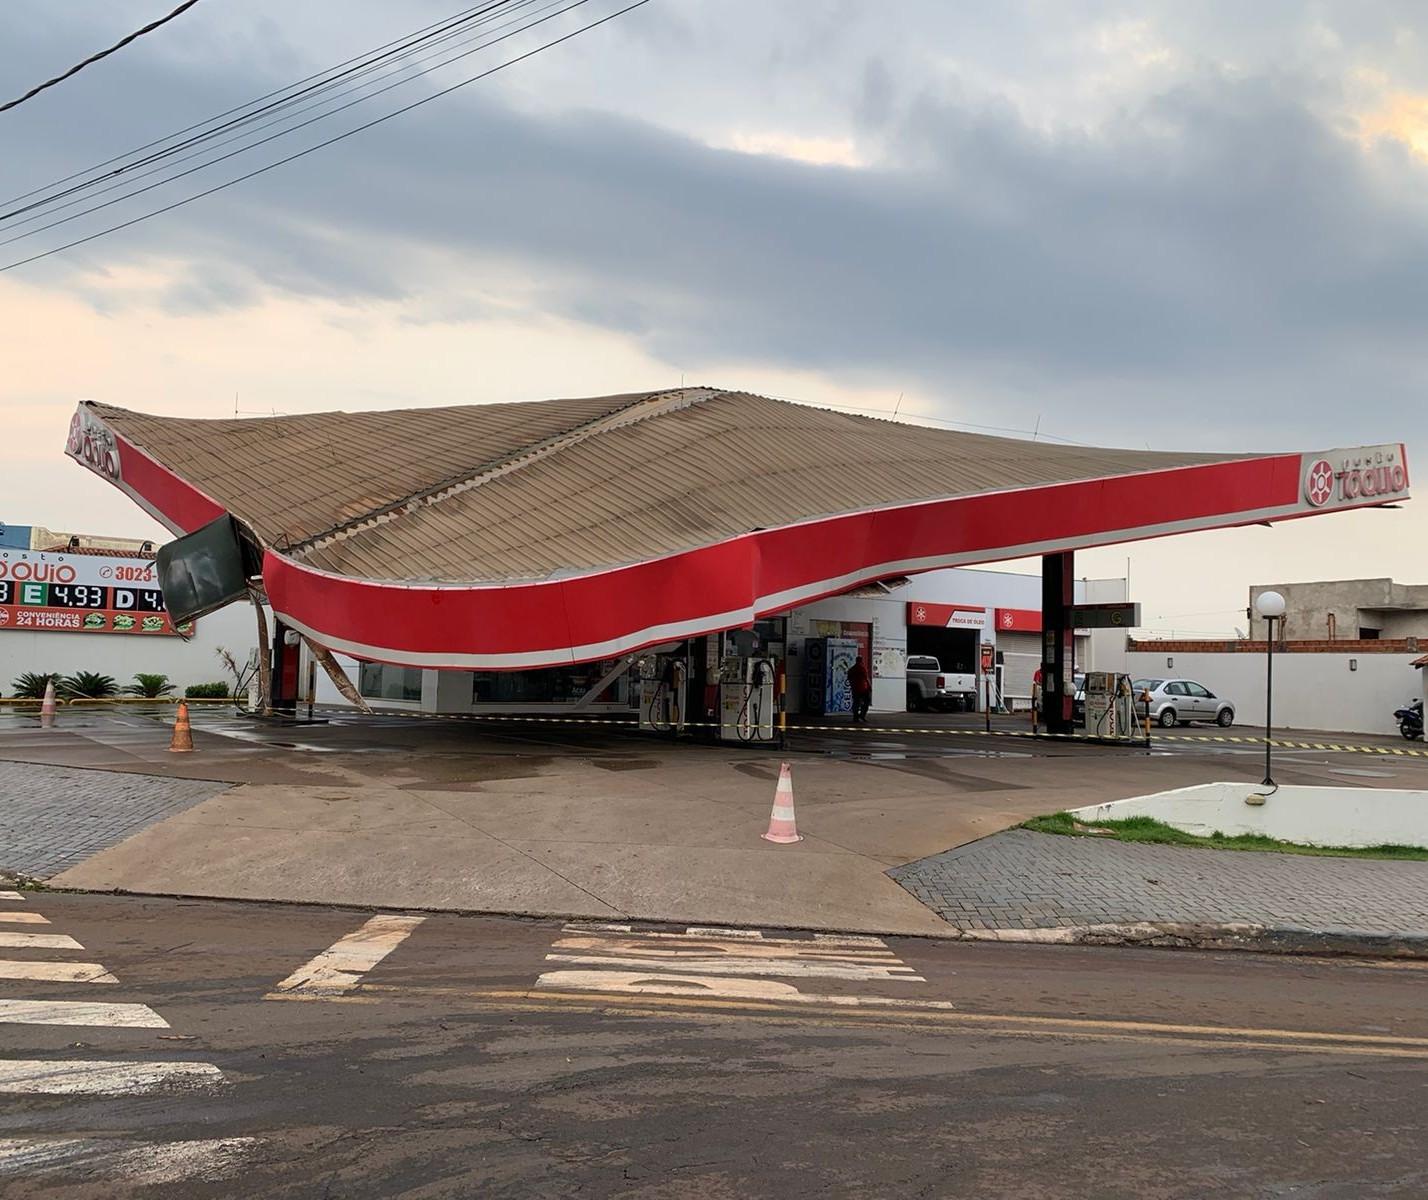 Temporal entorta teto de posto de combustível